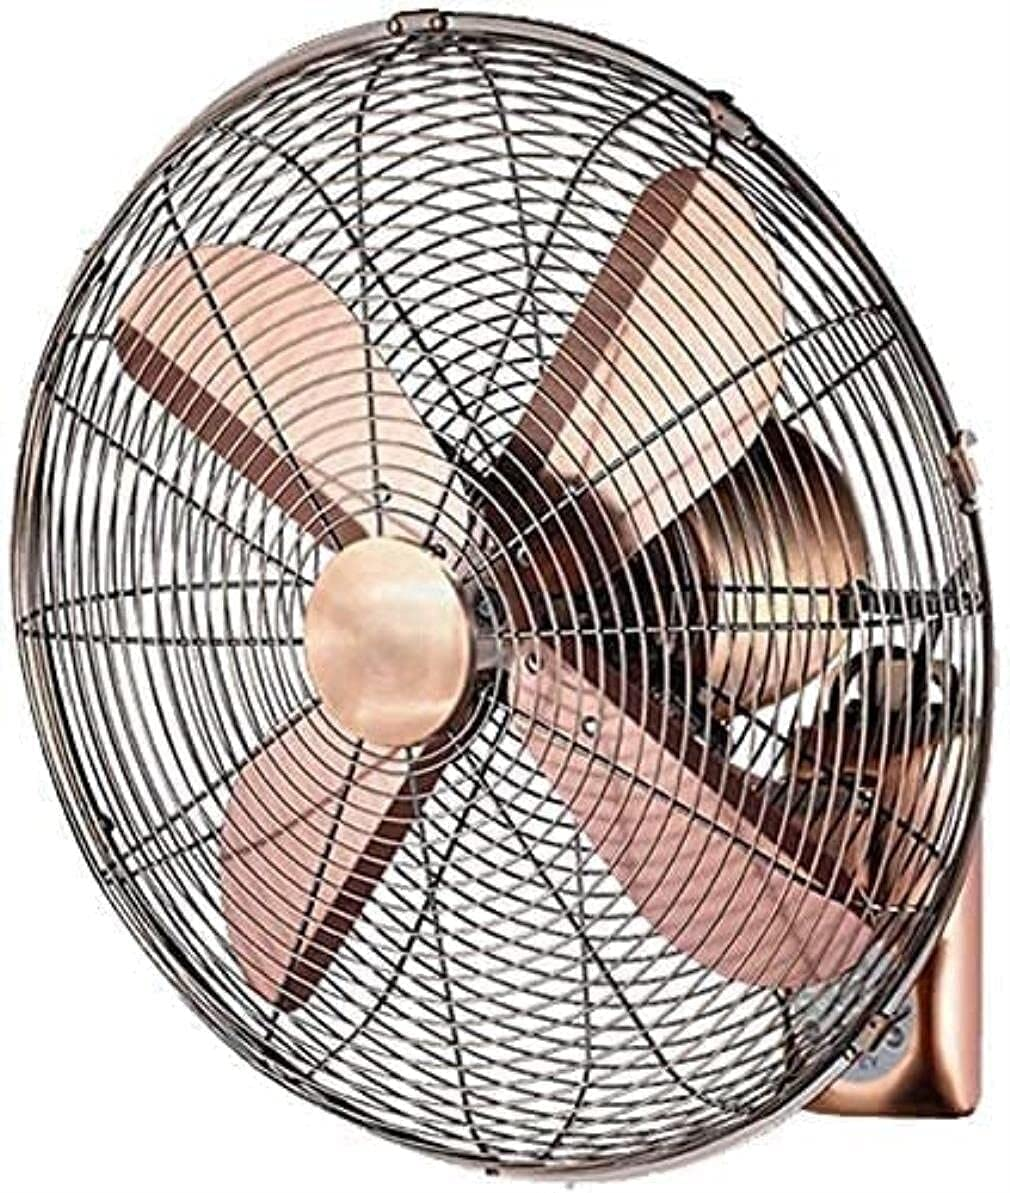 YZPDD Ventilador eléctrico del Ventilador de Montaje en Pared/Retro Antique Metal Wall Fan/Control Remoto Swing Ventilador, Industria doméstica con Control Remoto (Tamaño: 14 Pulgadas)